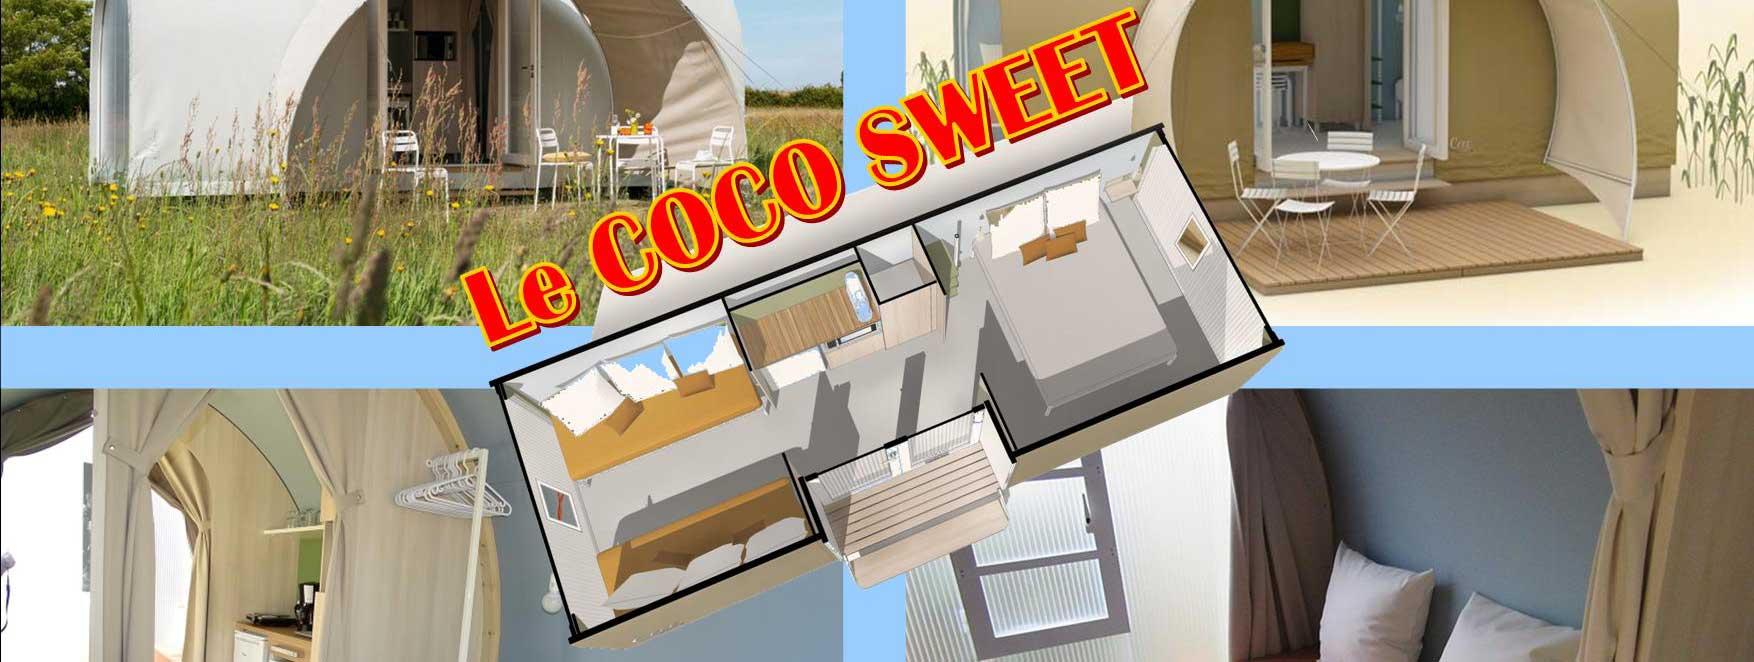 La tente sweet coco, un mixte réussi entre la tente de camping et le mobil-home.